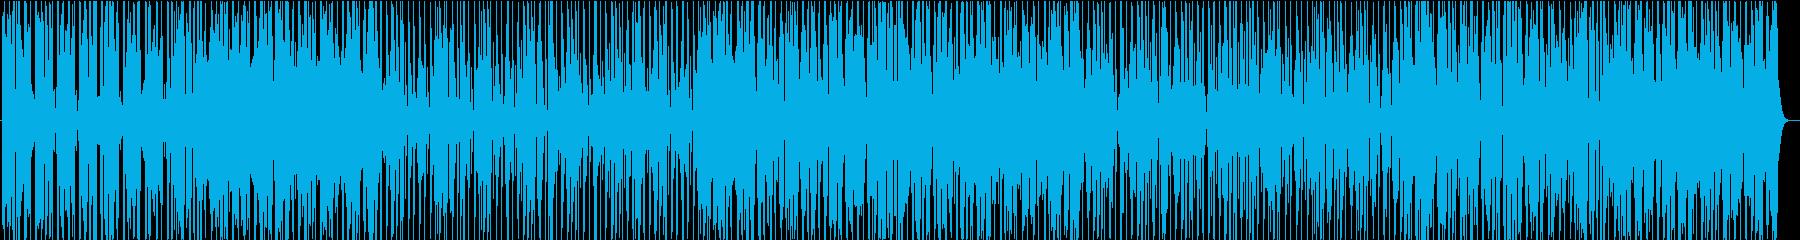 シンプルでタイトなファンク曲の再生済みの波形